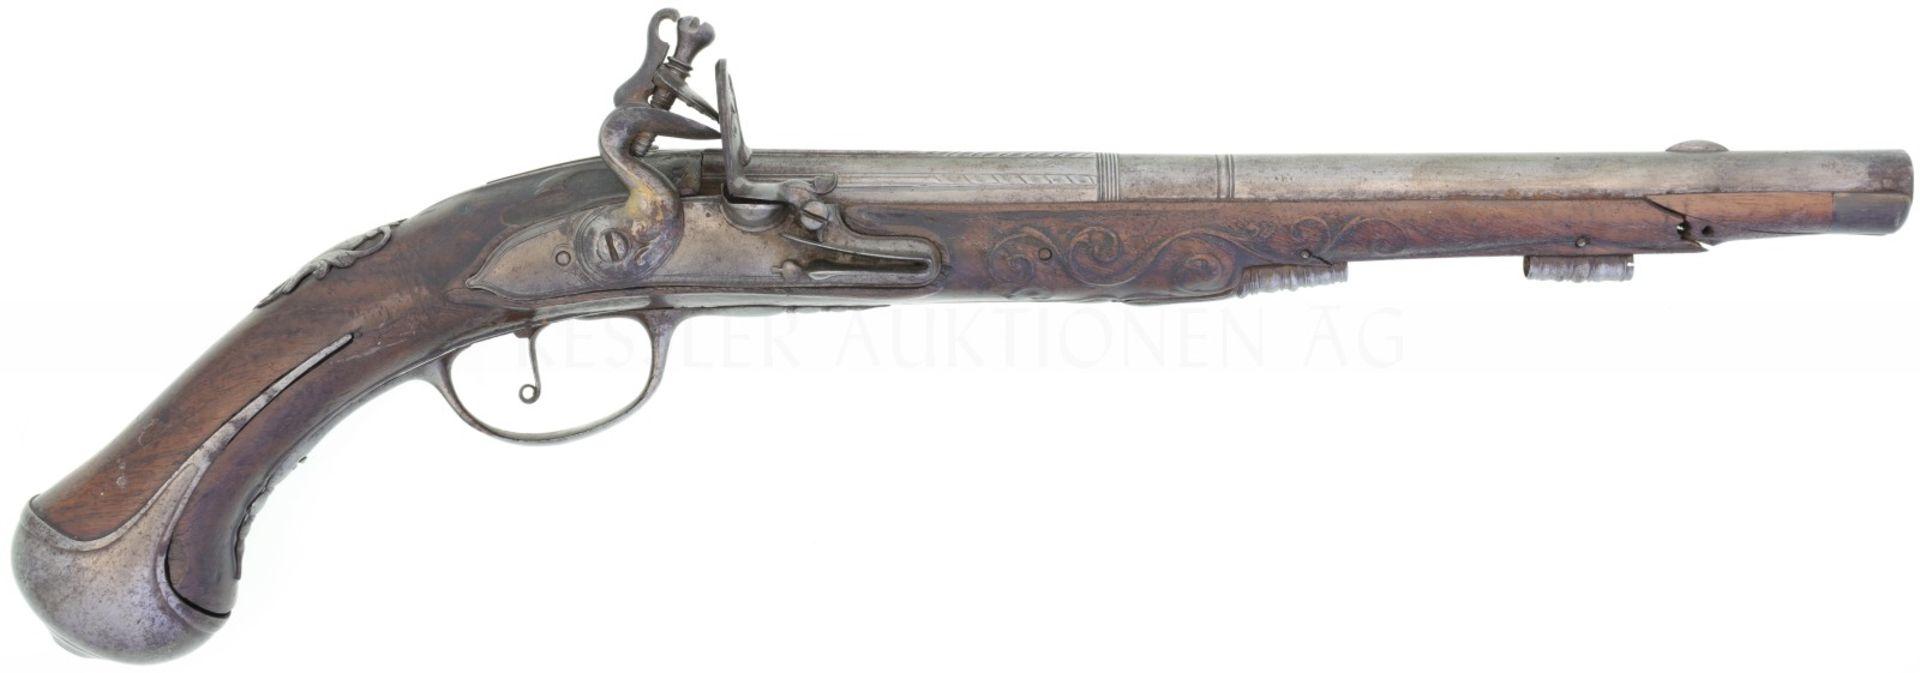 Steinschlosspistole, Lazarino Cominazzo, Kal. 17.6mm Glatter, abgestufter Rundlauf mit Linsenkorn,